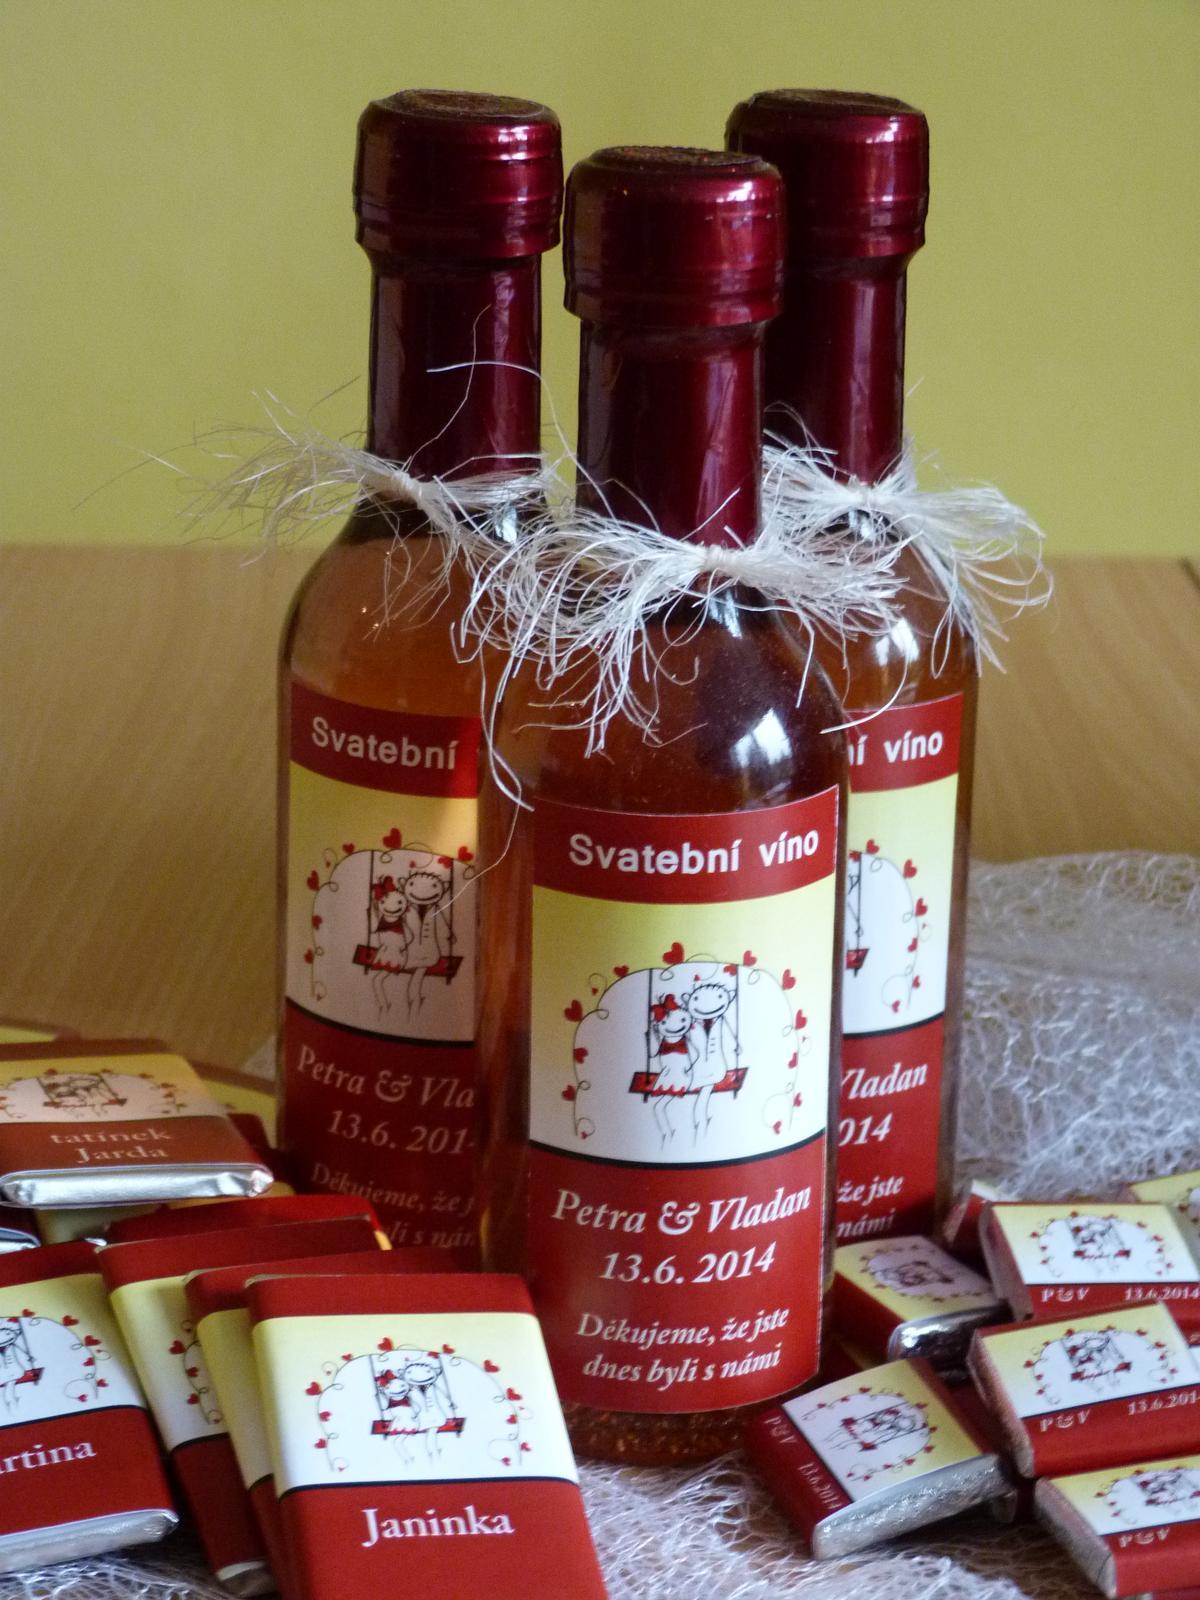 Svatební čokoláda Barry Callebaut  - 5g, 8g, 20g - Obrázek č. 1